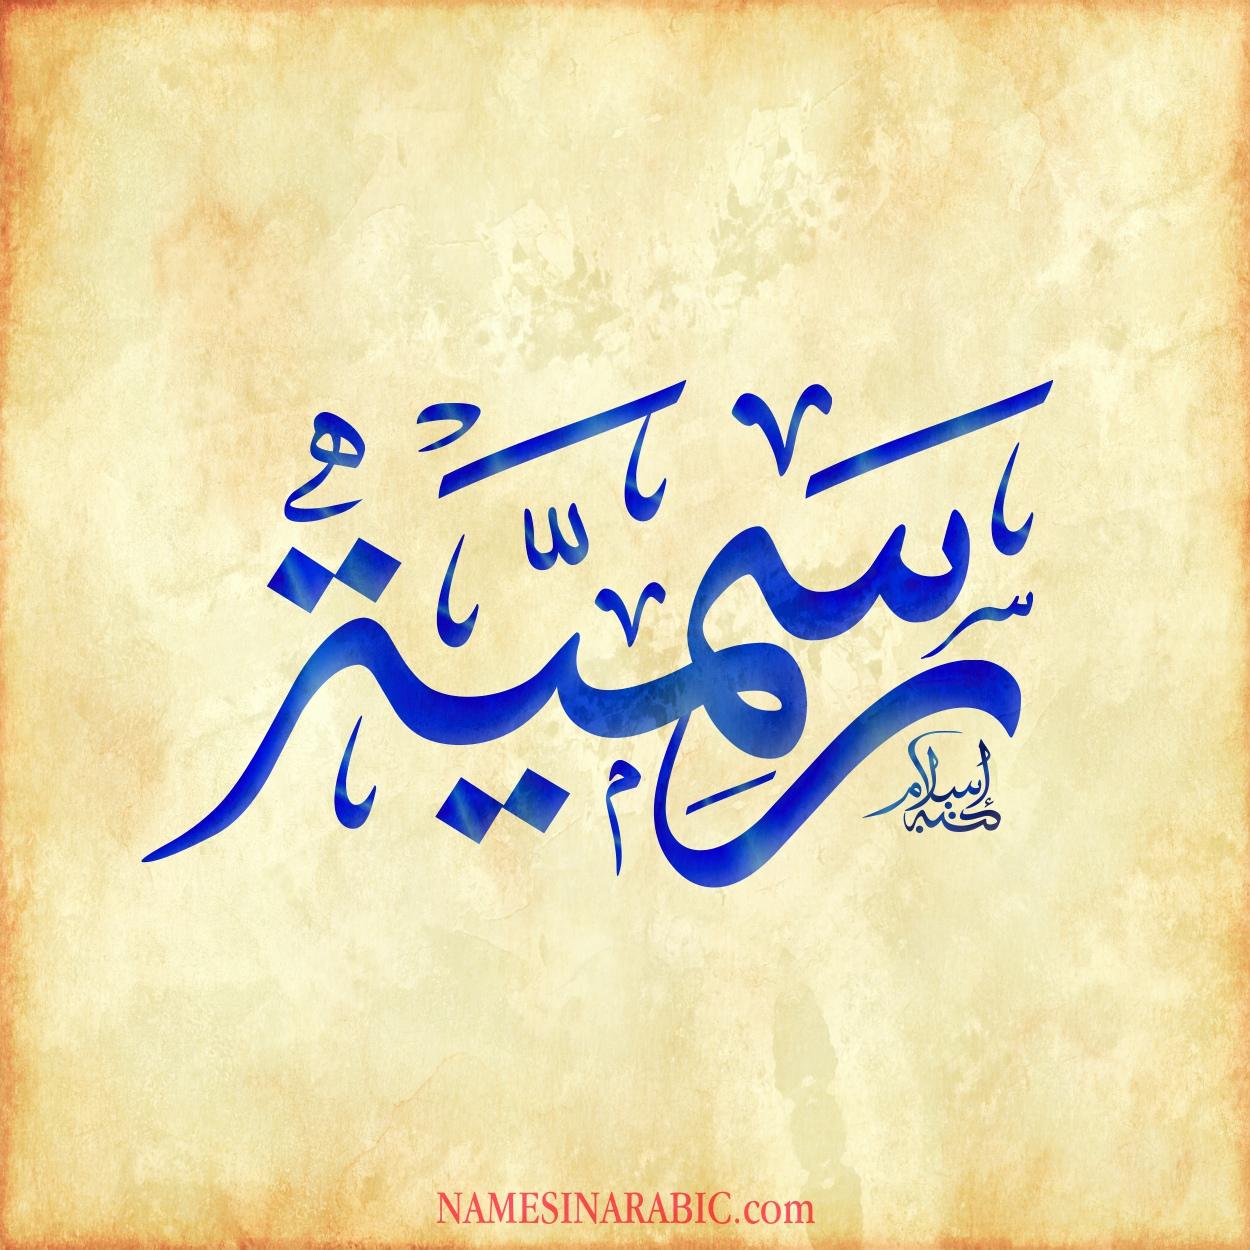 صورة اسم رسمية Rsmyh اسم رسمية بالخط العربي من موقع الأسماء بالخط العربي بريشة الفنان إسلام ابن الفضل